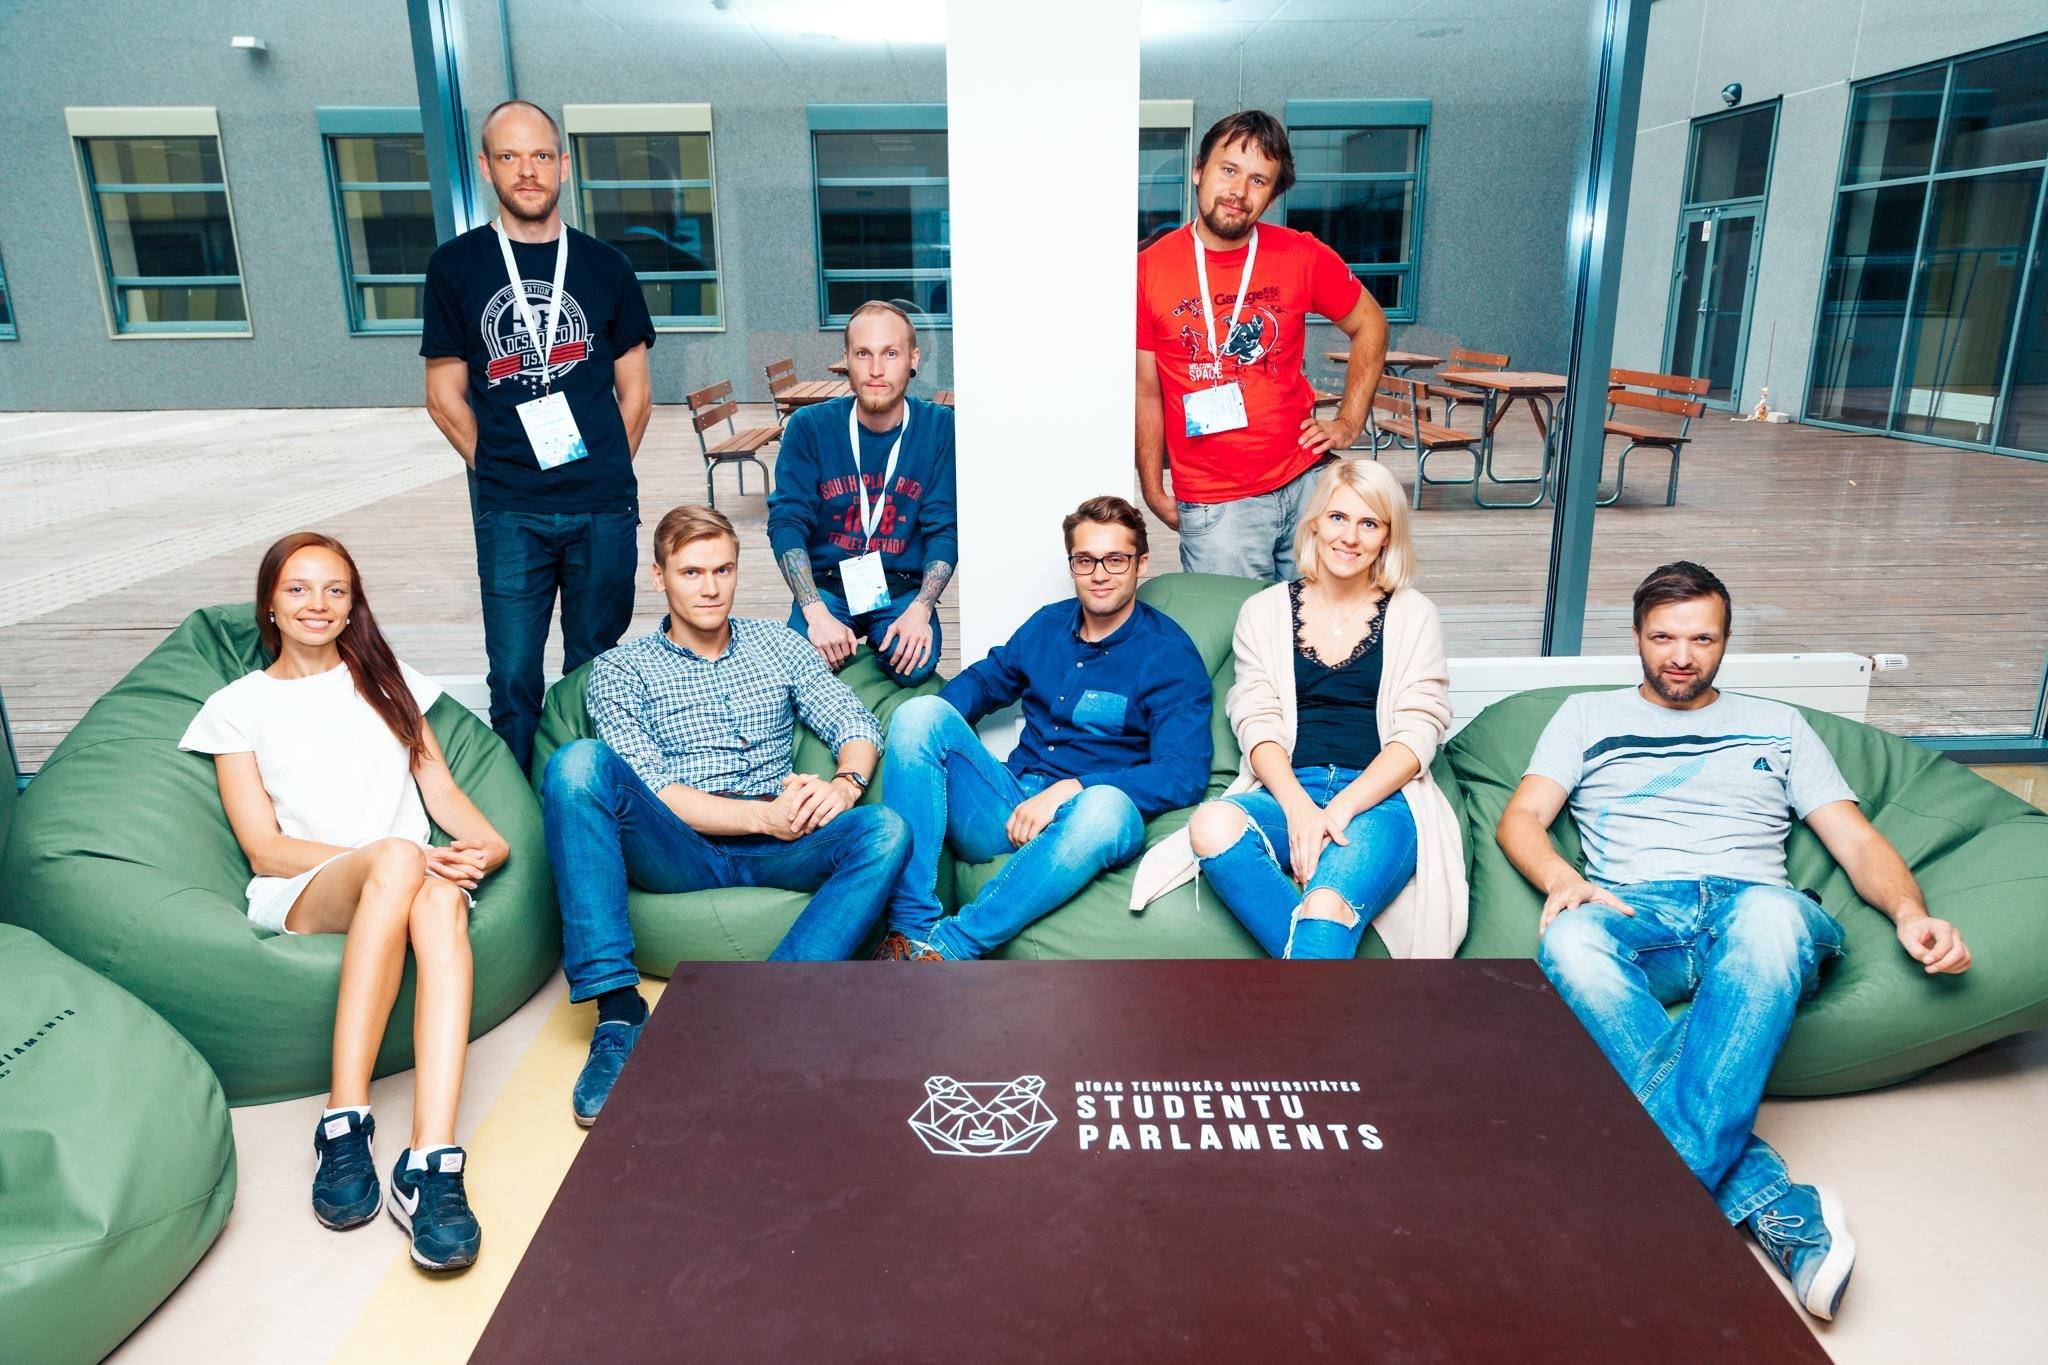 foodycheck/foody mobilās aplikācijas komanda 2017. gada augusts: (no kreisās) Māra Lasmane (idejas autore), Uldis Žeidurs, Ritvars Dortāns, Arturs Škaraveckis, Augusts Vasilonoks, Ronalds Sovas, Agnese Avota, Rolands Umbrovskis